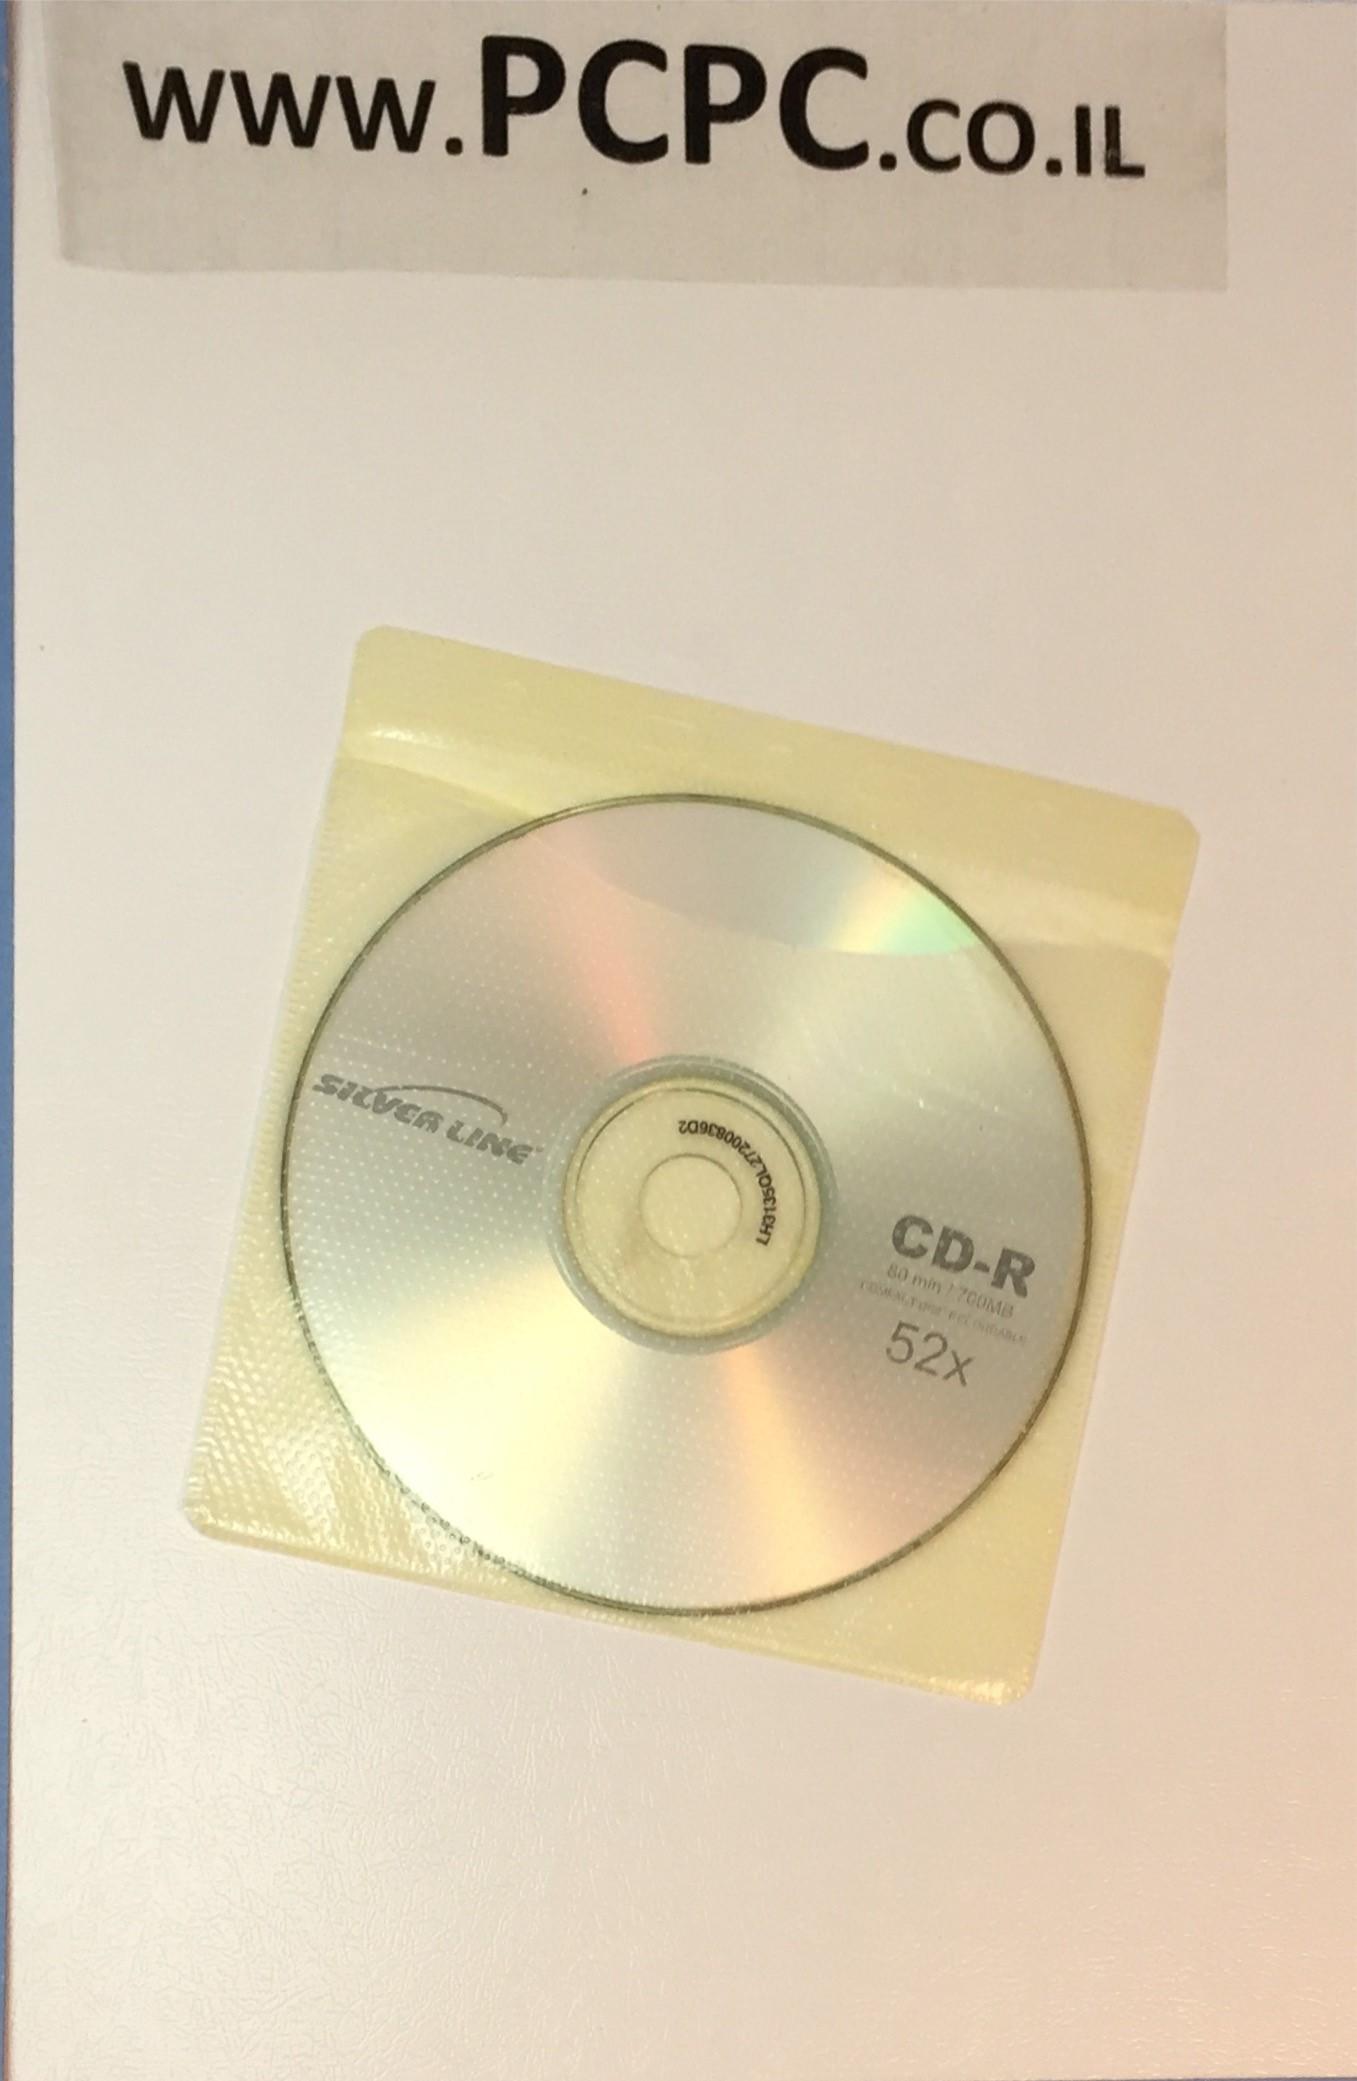 מעטפות בד לדיסקים 100 יחידות  ירוק ורוד צהוב לבן כחול